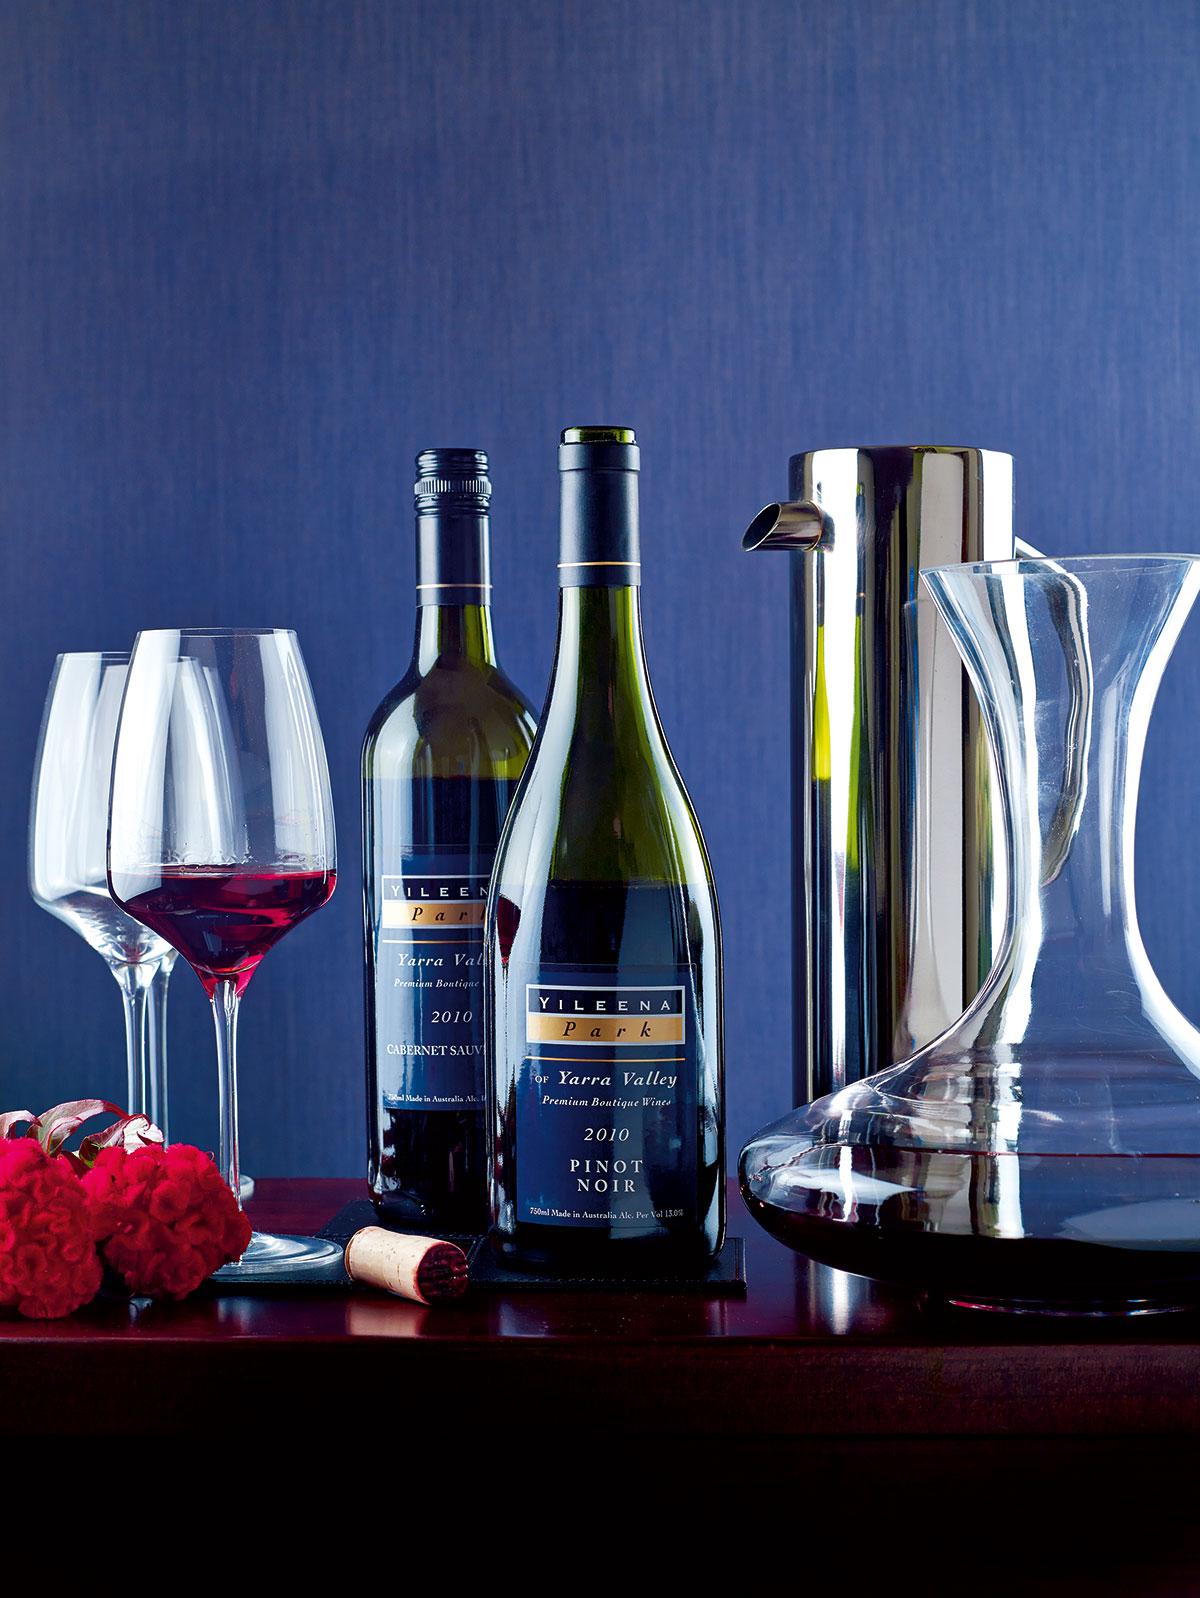 Yileena Park Wines